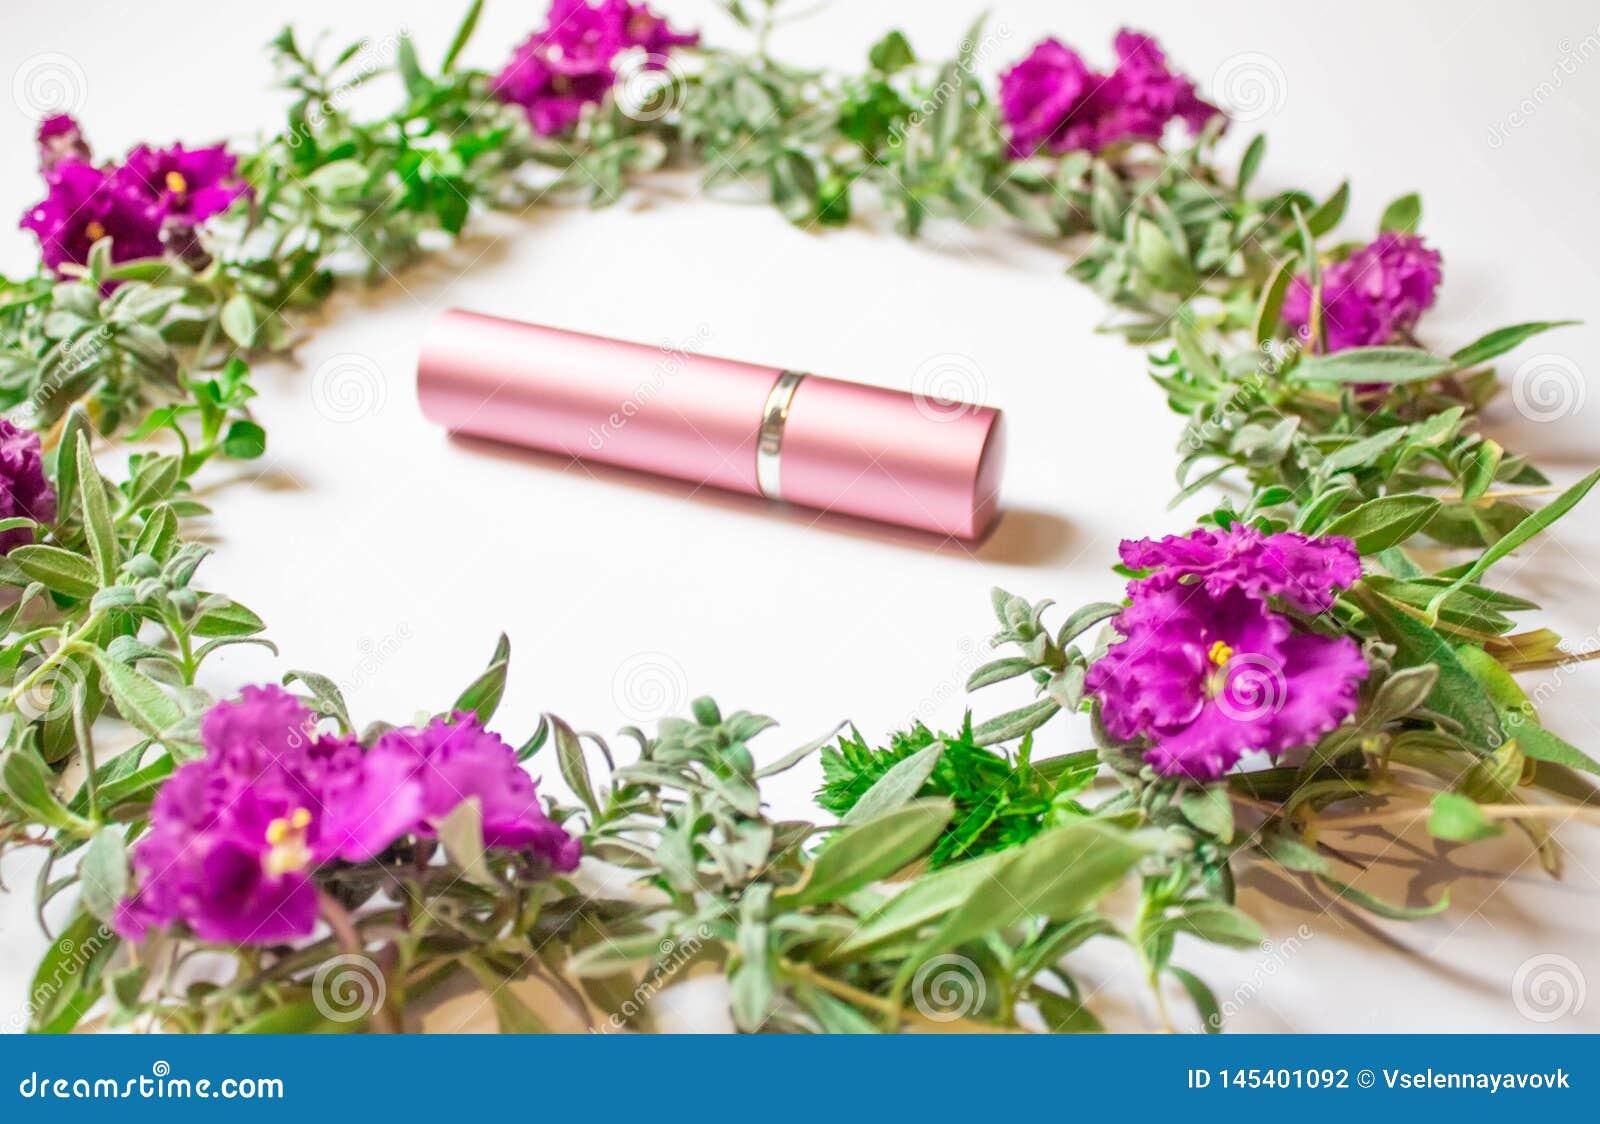 Kosmetische Flasche mit Farben und Blumenblätter auf einem weißen Schreibtischhintergrund, einer Draufsicht, oben einbrennend u